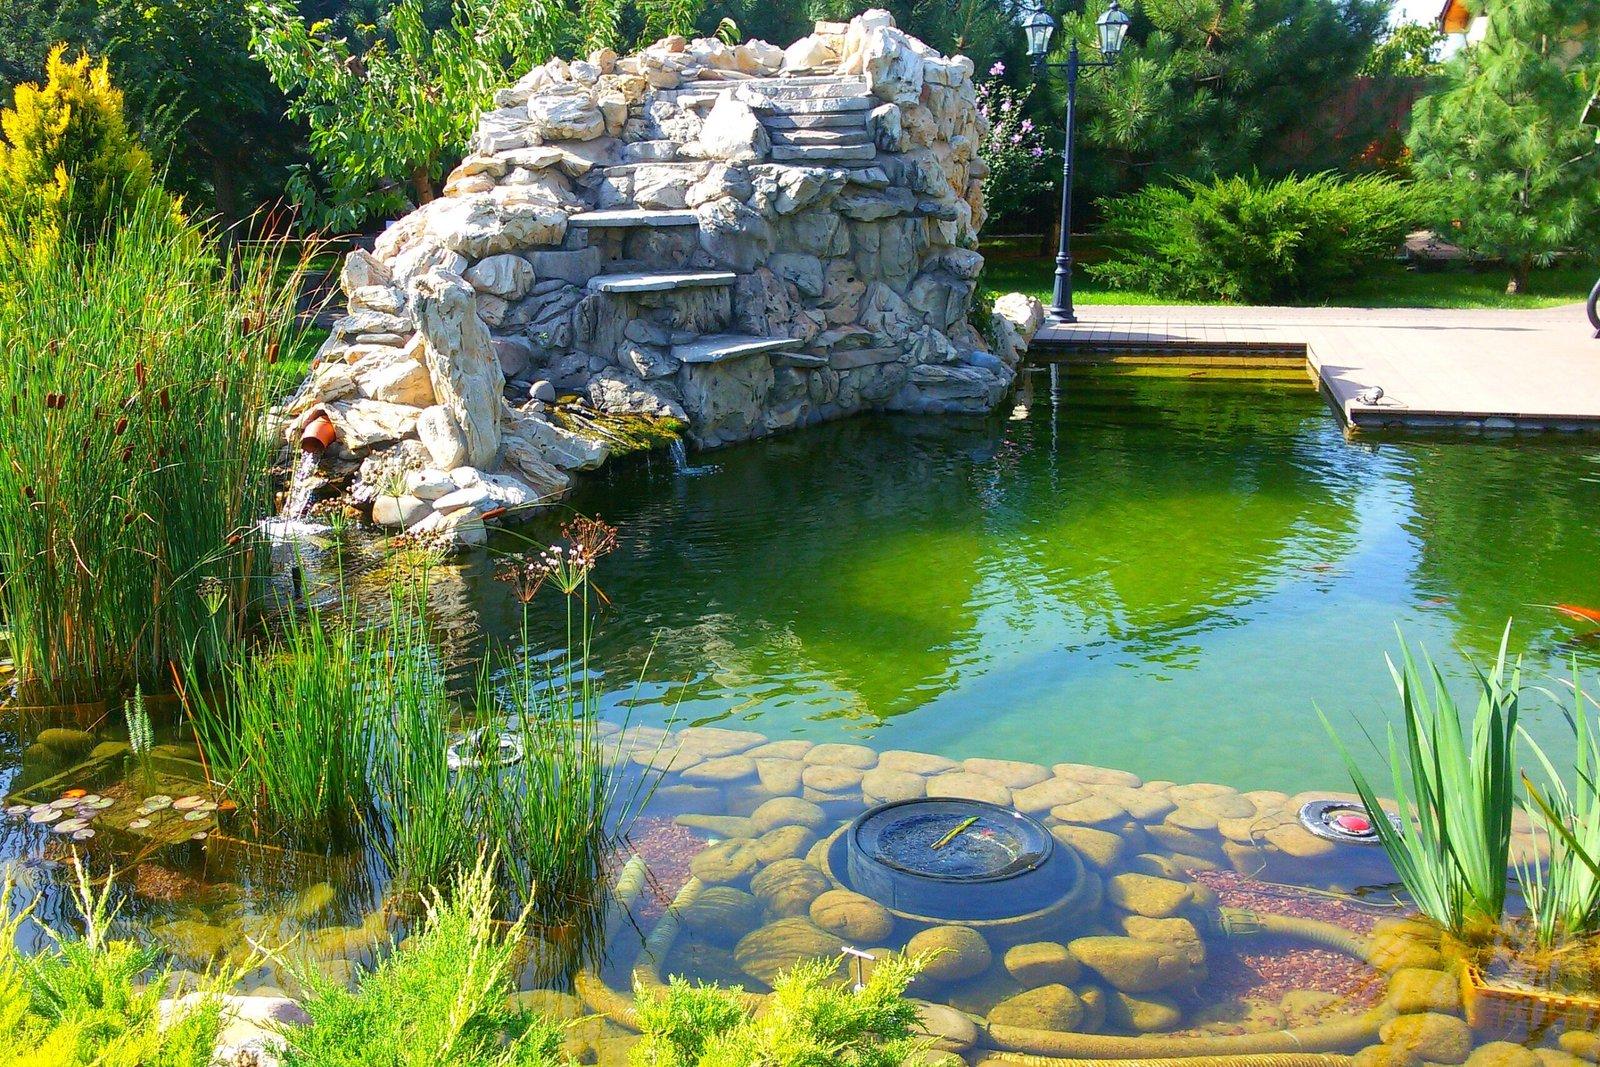 Благоустройство пруда на загородном участке, расположить искусственный водоем, Природный пруд,